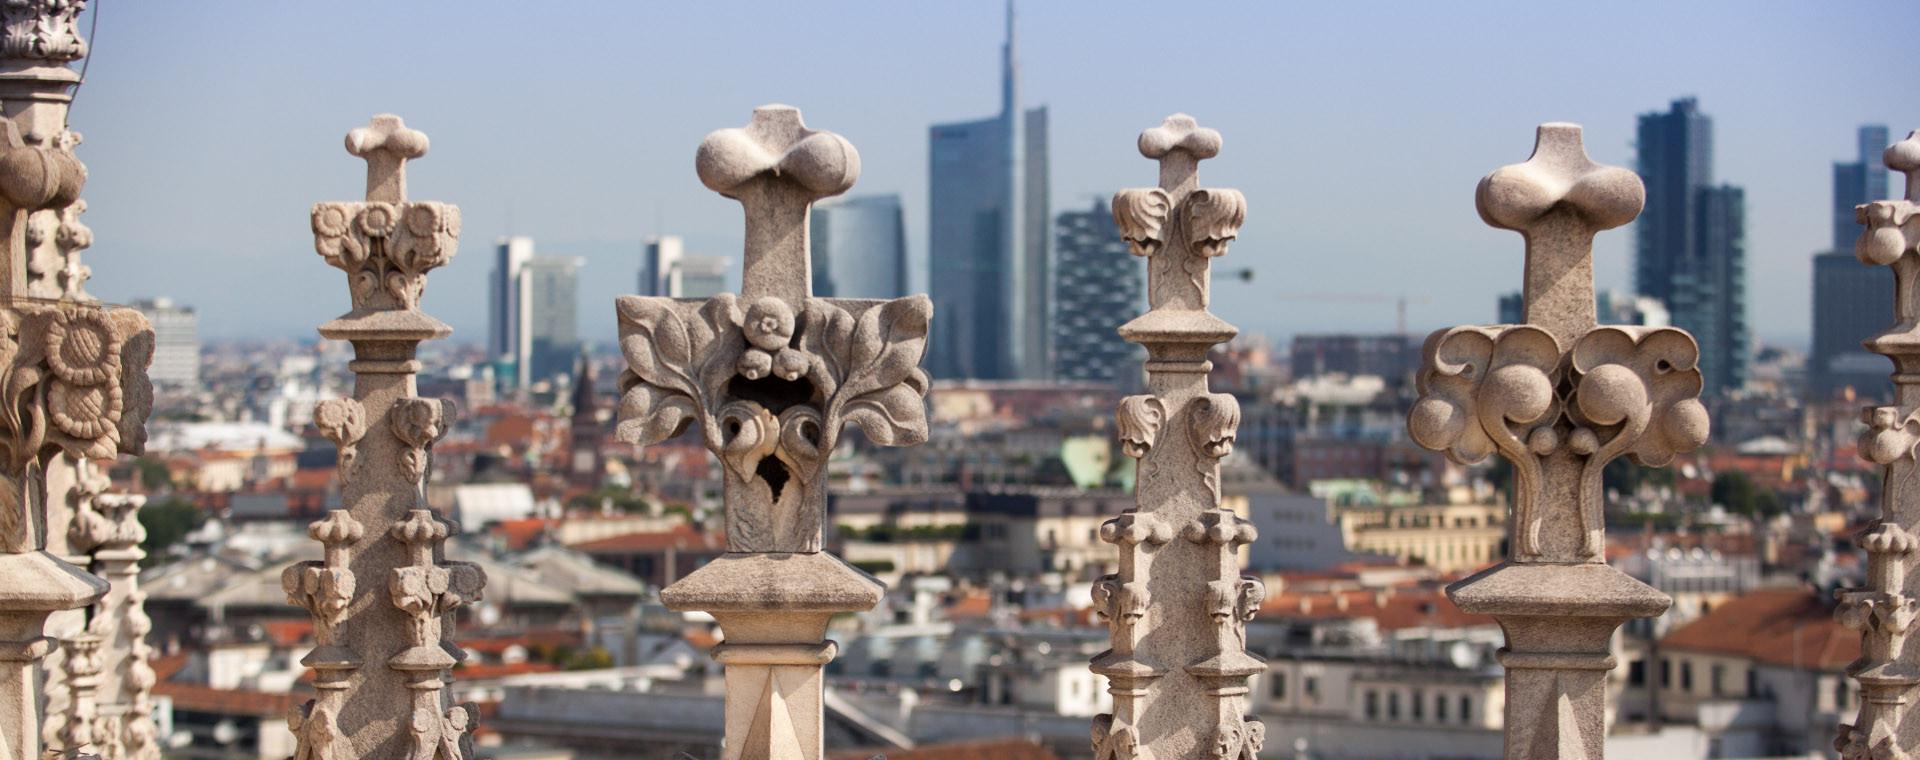 Milan est prête à être partagée entre art, mode e gastronomie